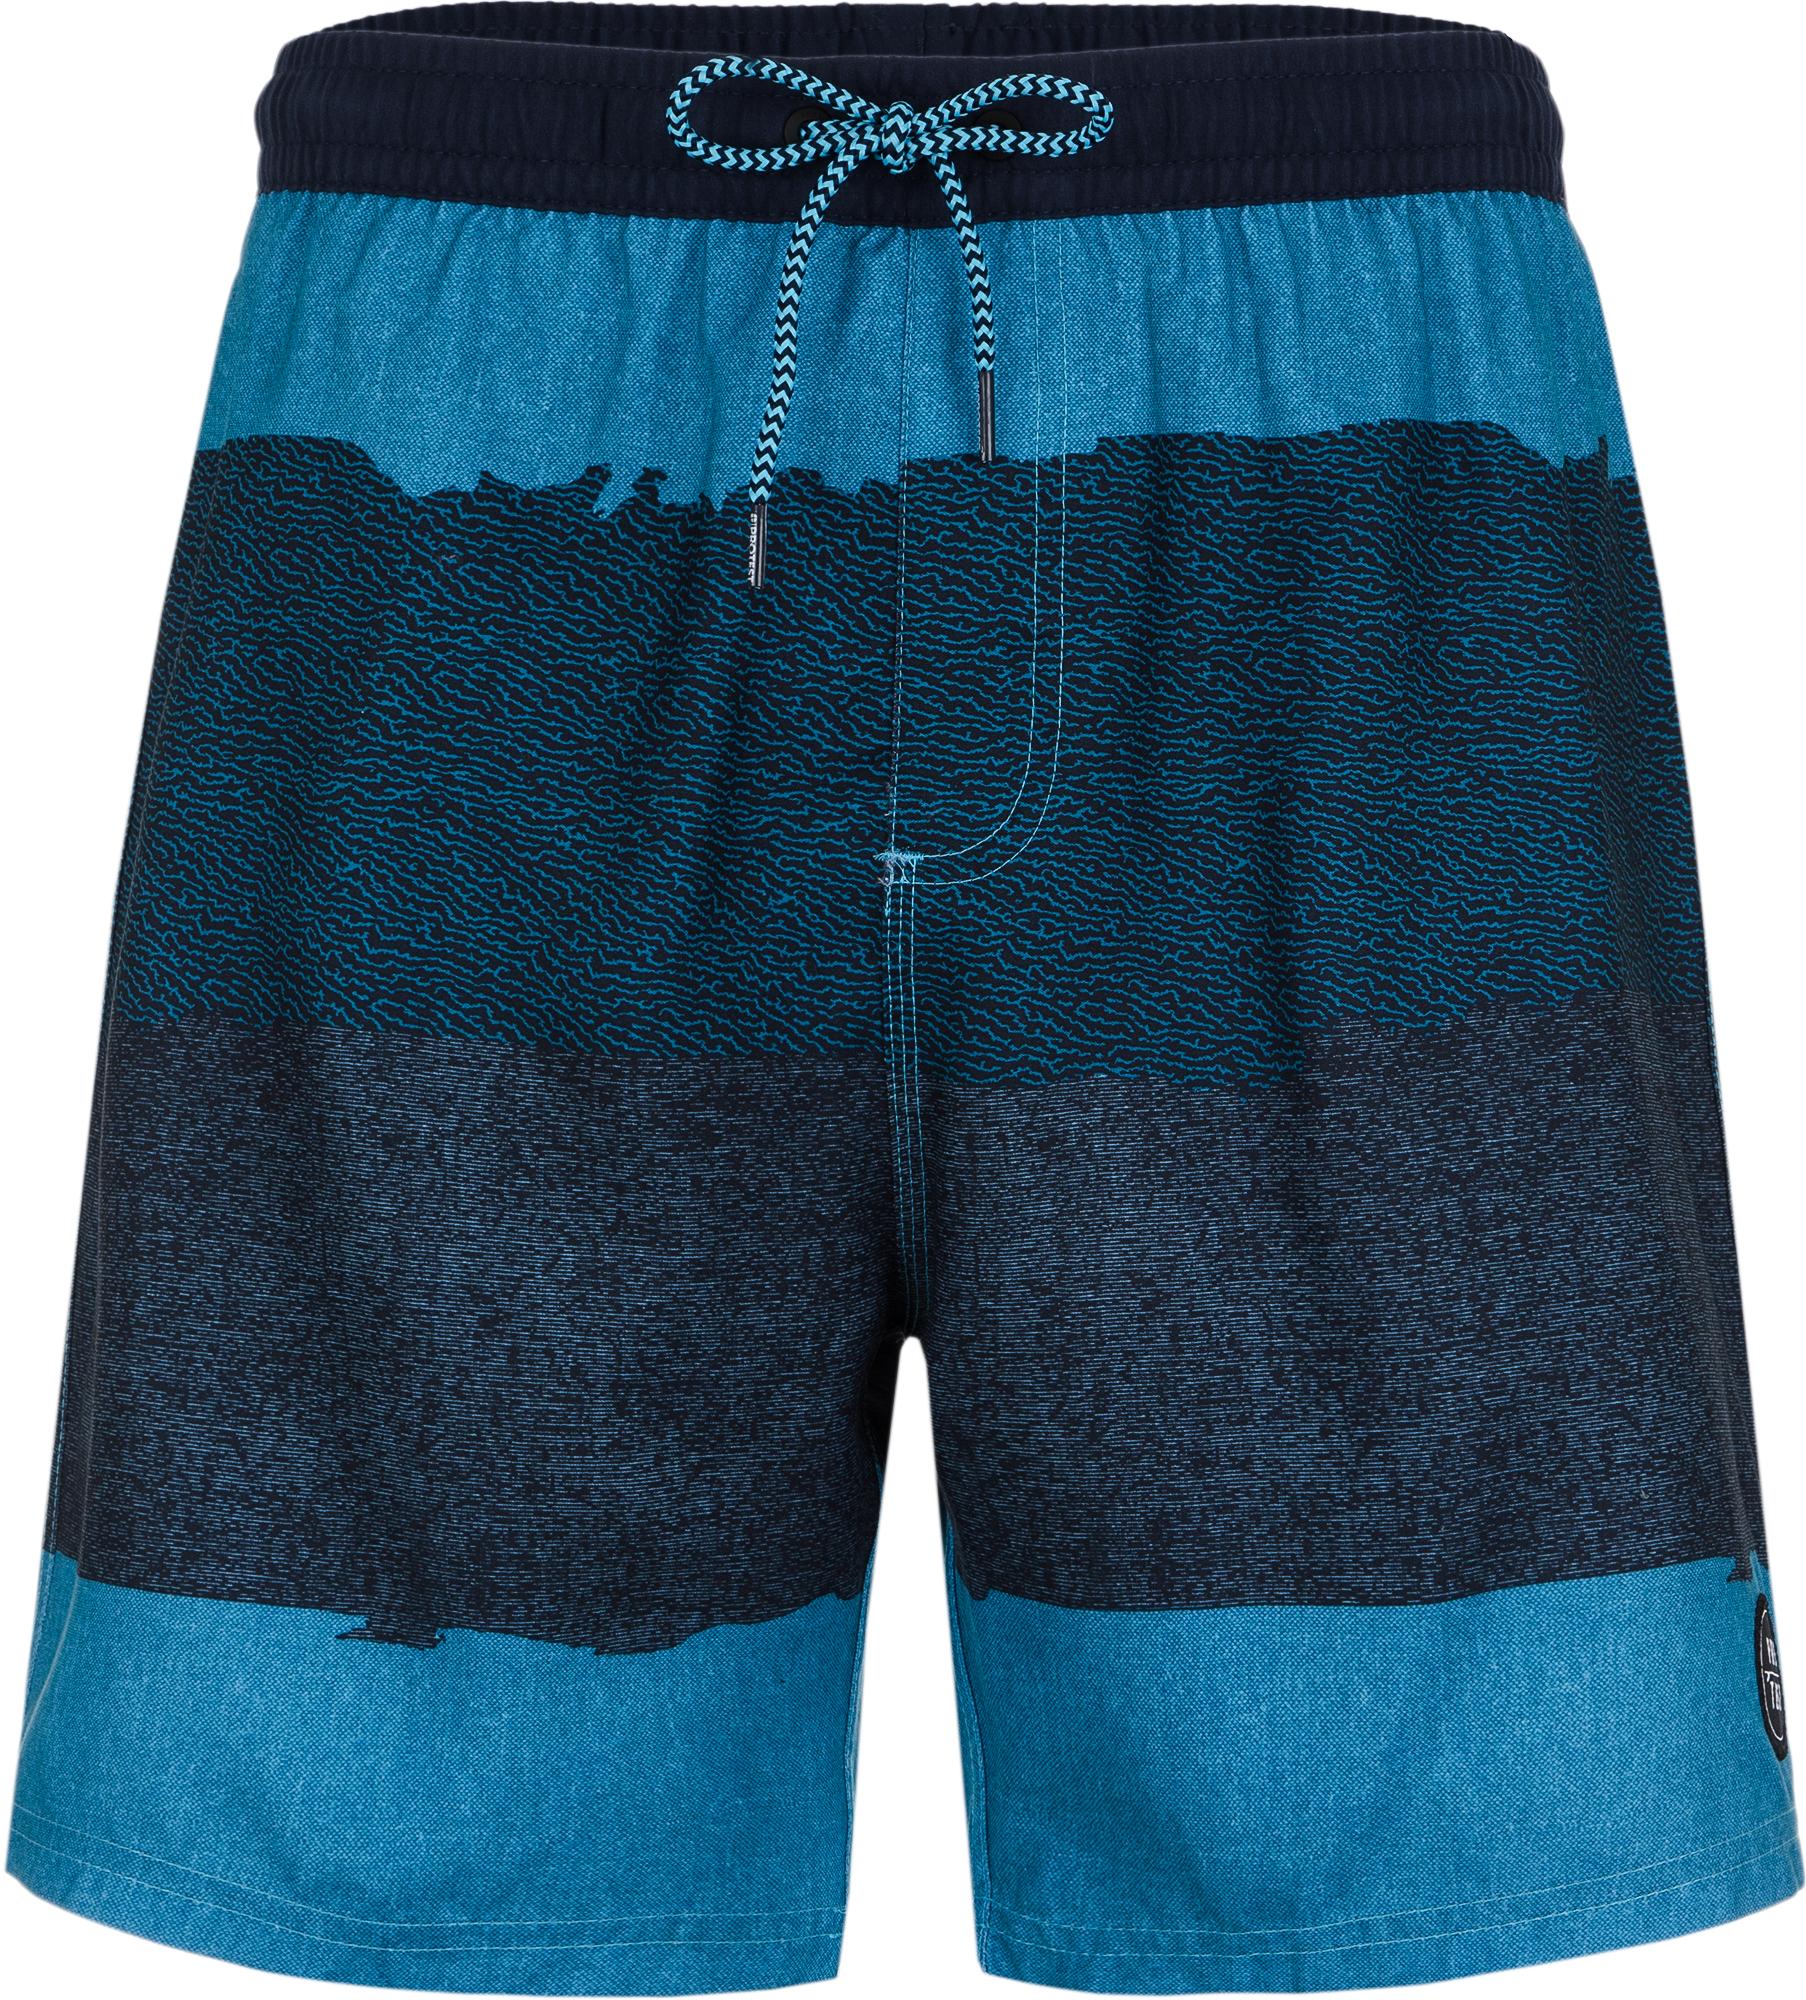 купить Protest Шорты пляжные мужские Protest Bilo, размер 52-54 по цене 1499 рублей